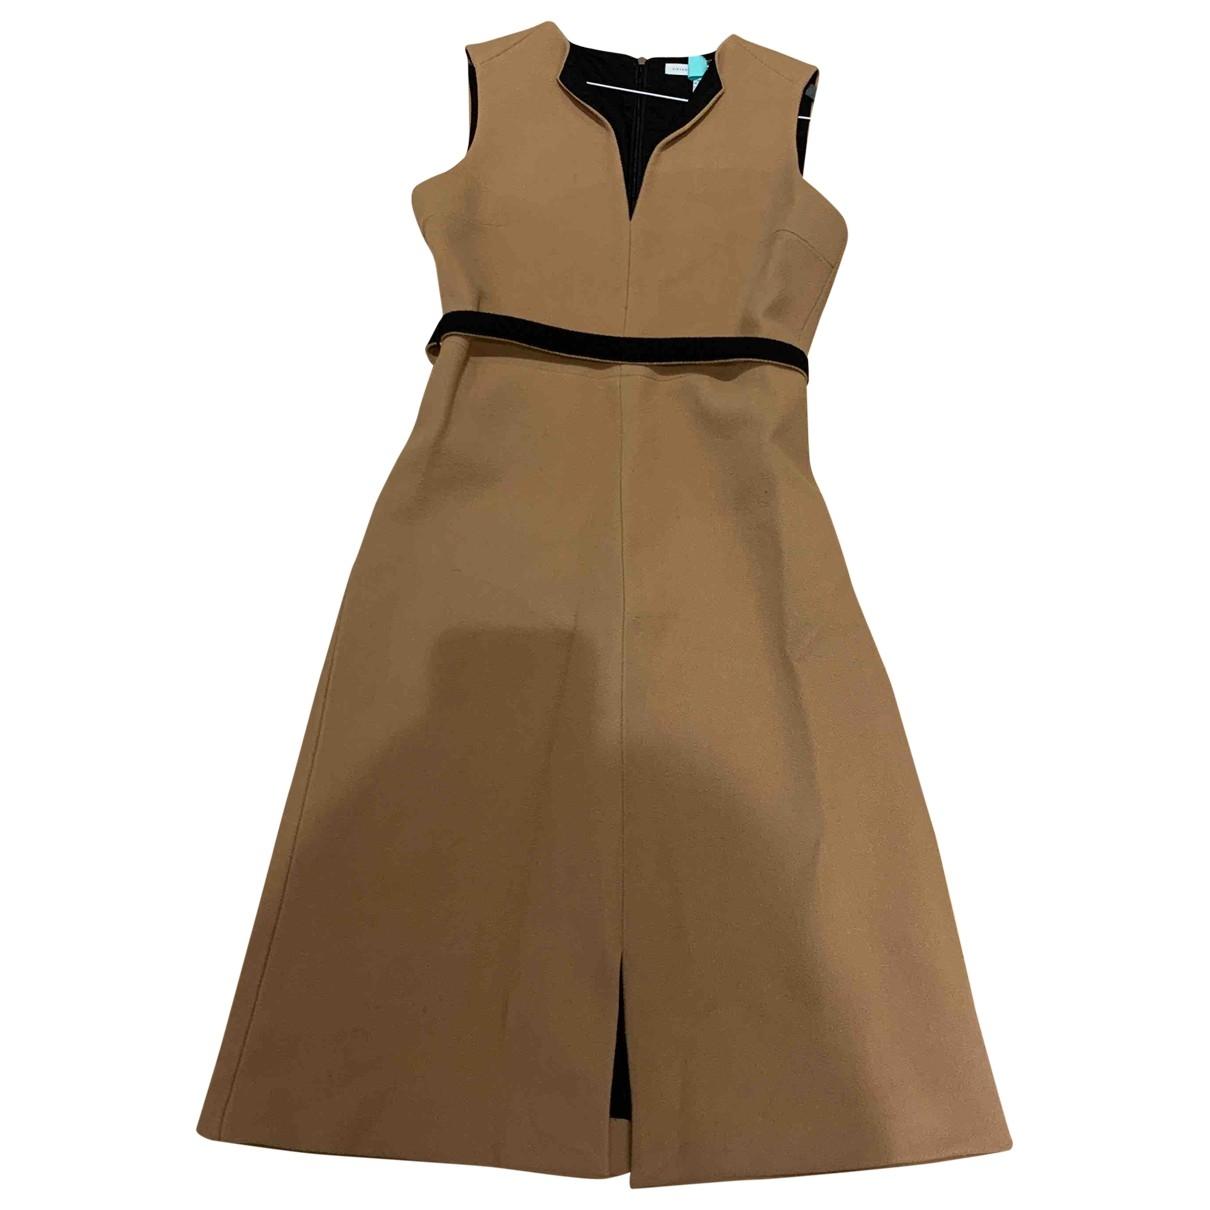 Victoria, Victoria Beckham \N Kleid in  Beige Wolle